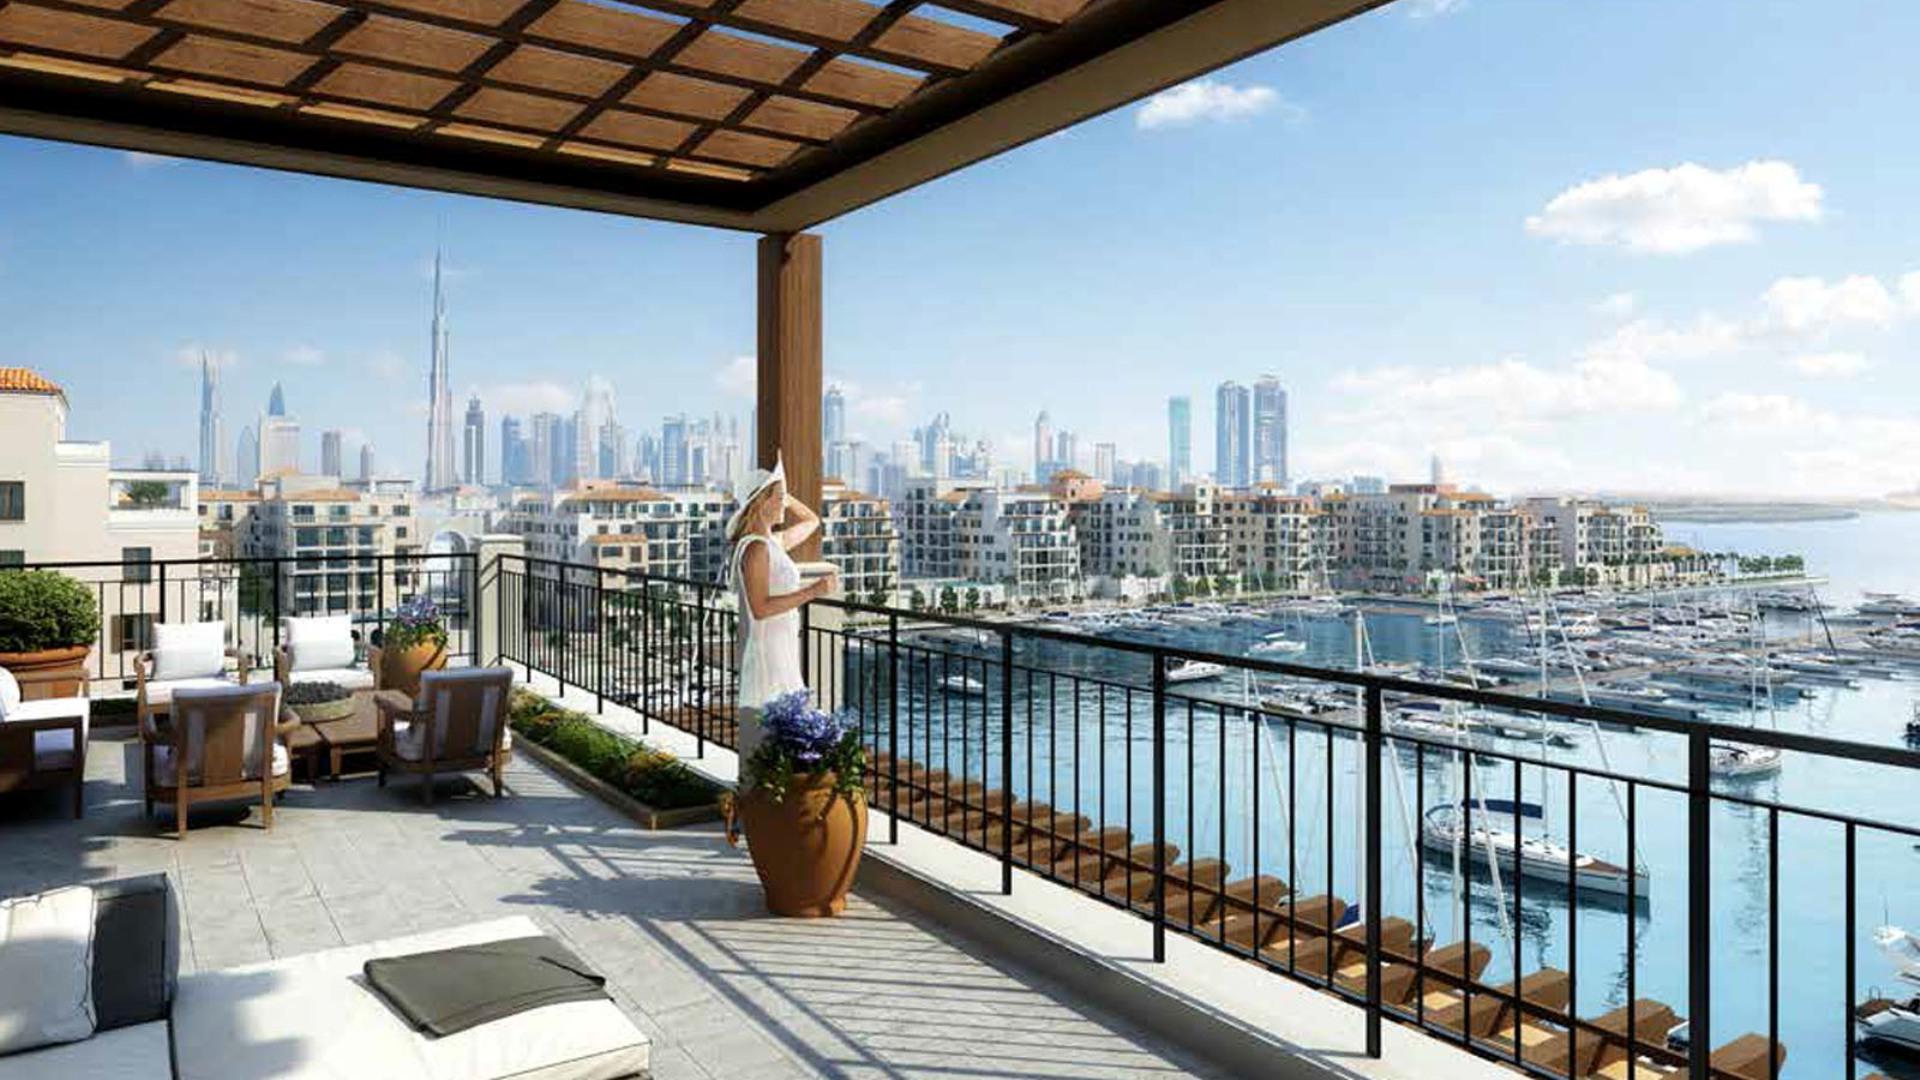 Apartamento en venta en Dubai, EAU, 2 dormitorios, 112 m2, № 24286 – foto 3